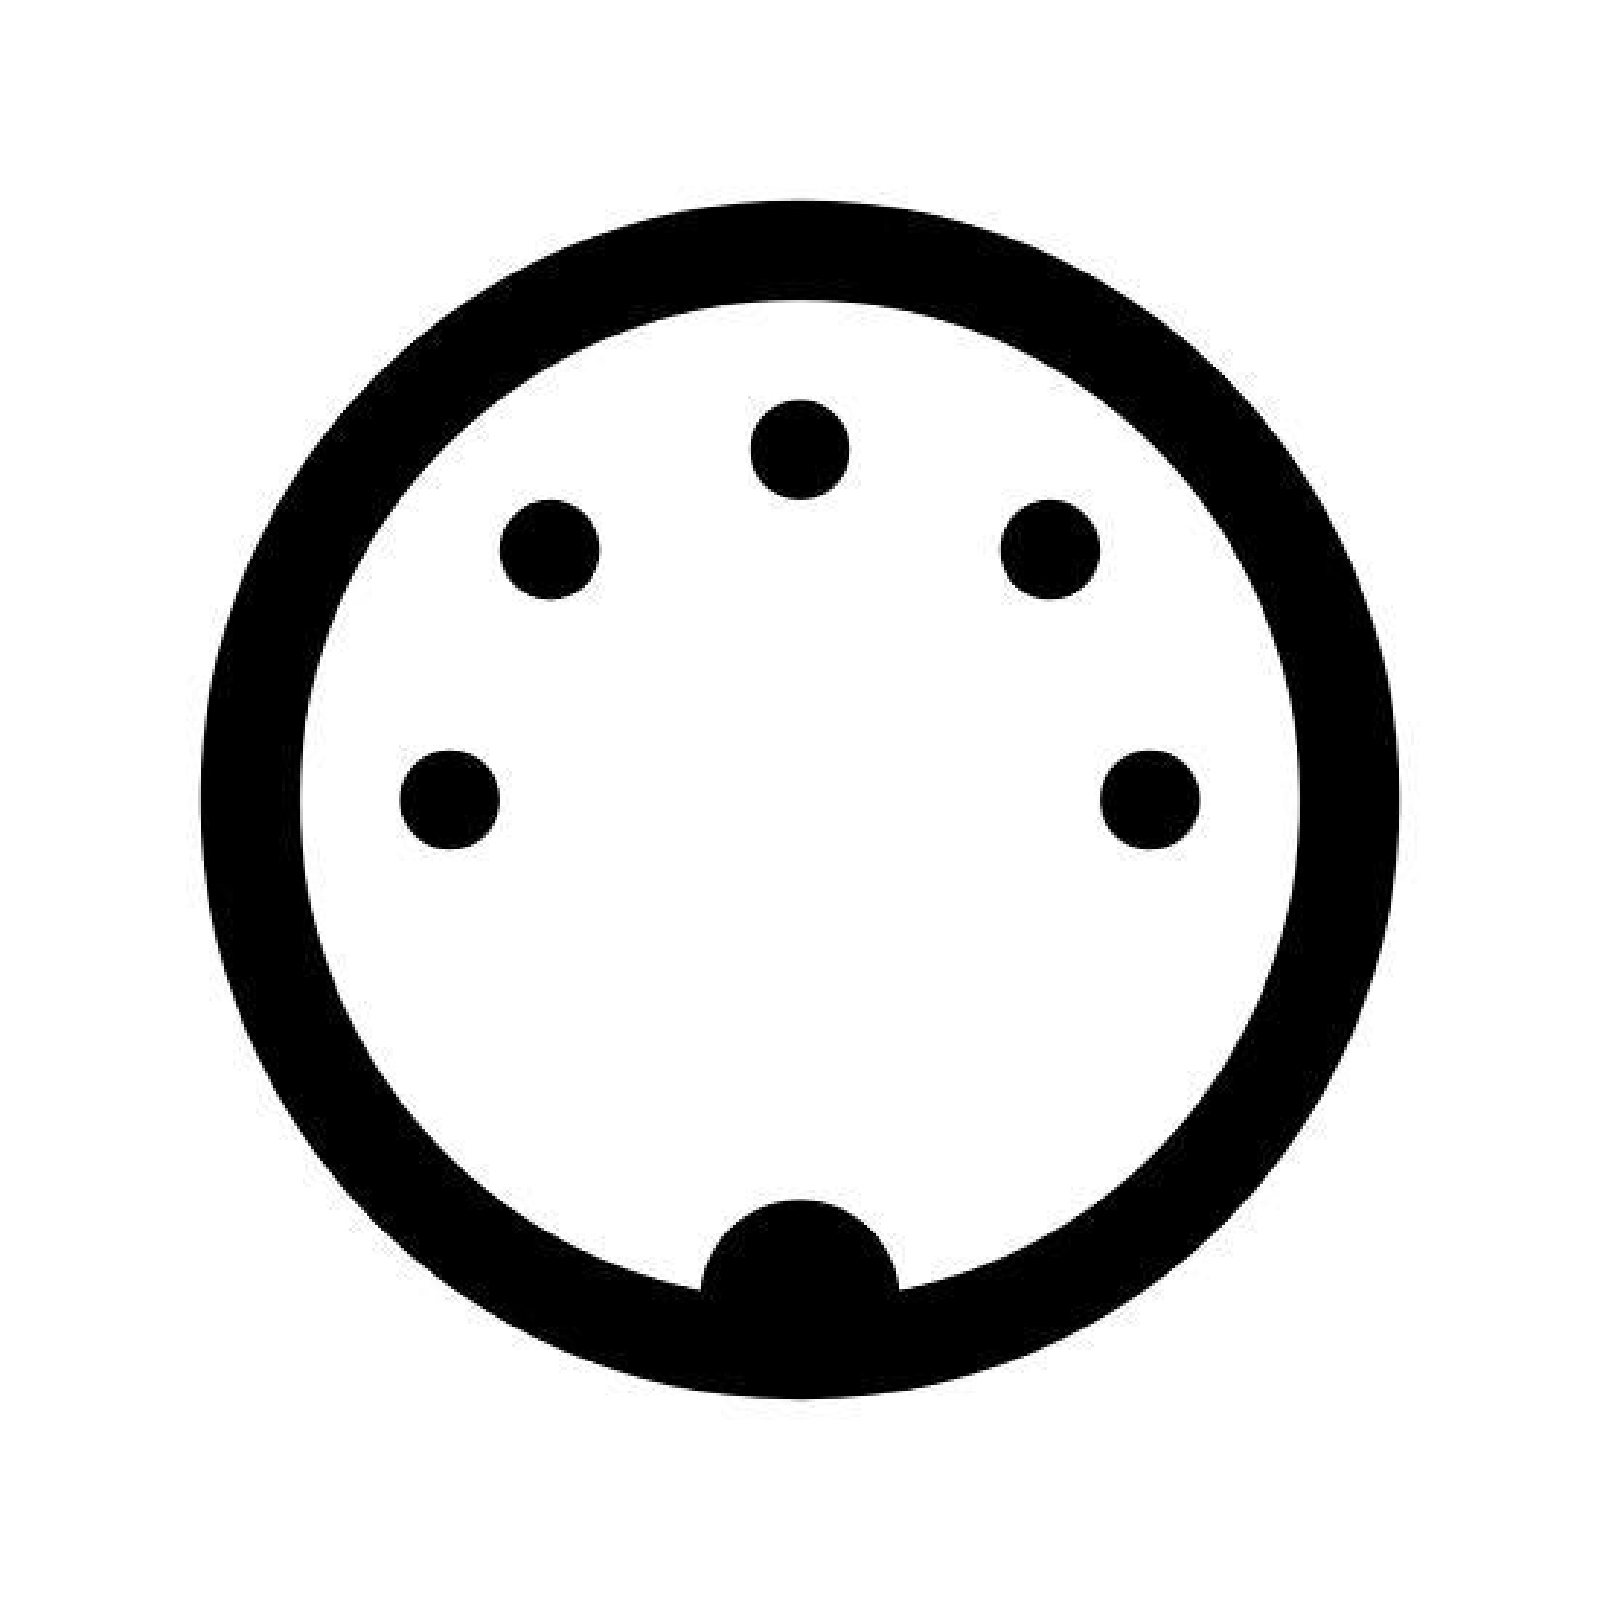 MIDI Connector Male icon